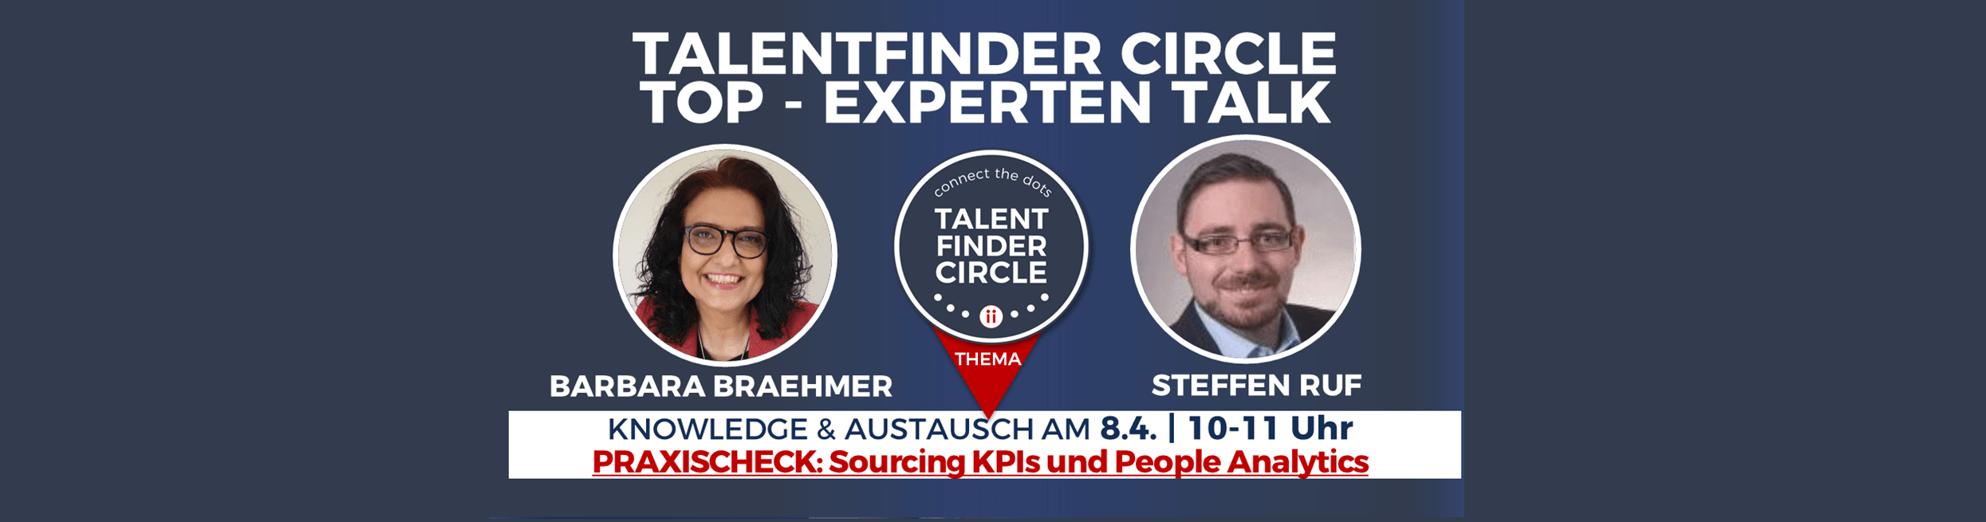 TOP-Experten Talk mit Steffen Ruf - TFC -20210408 - Header